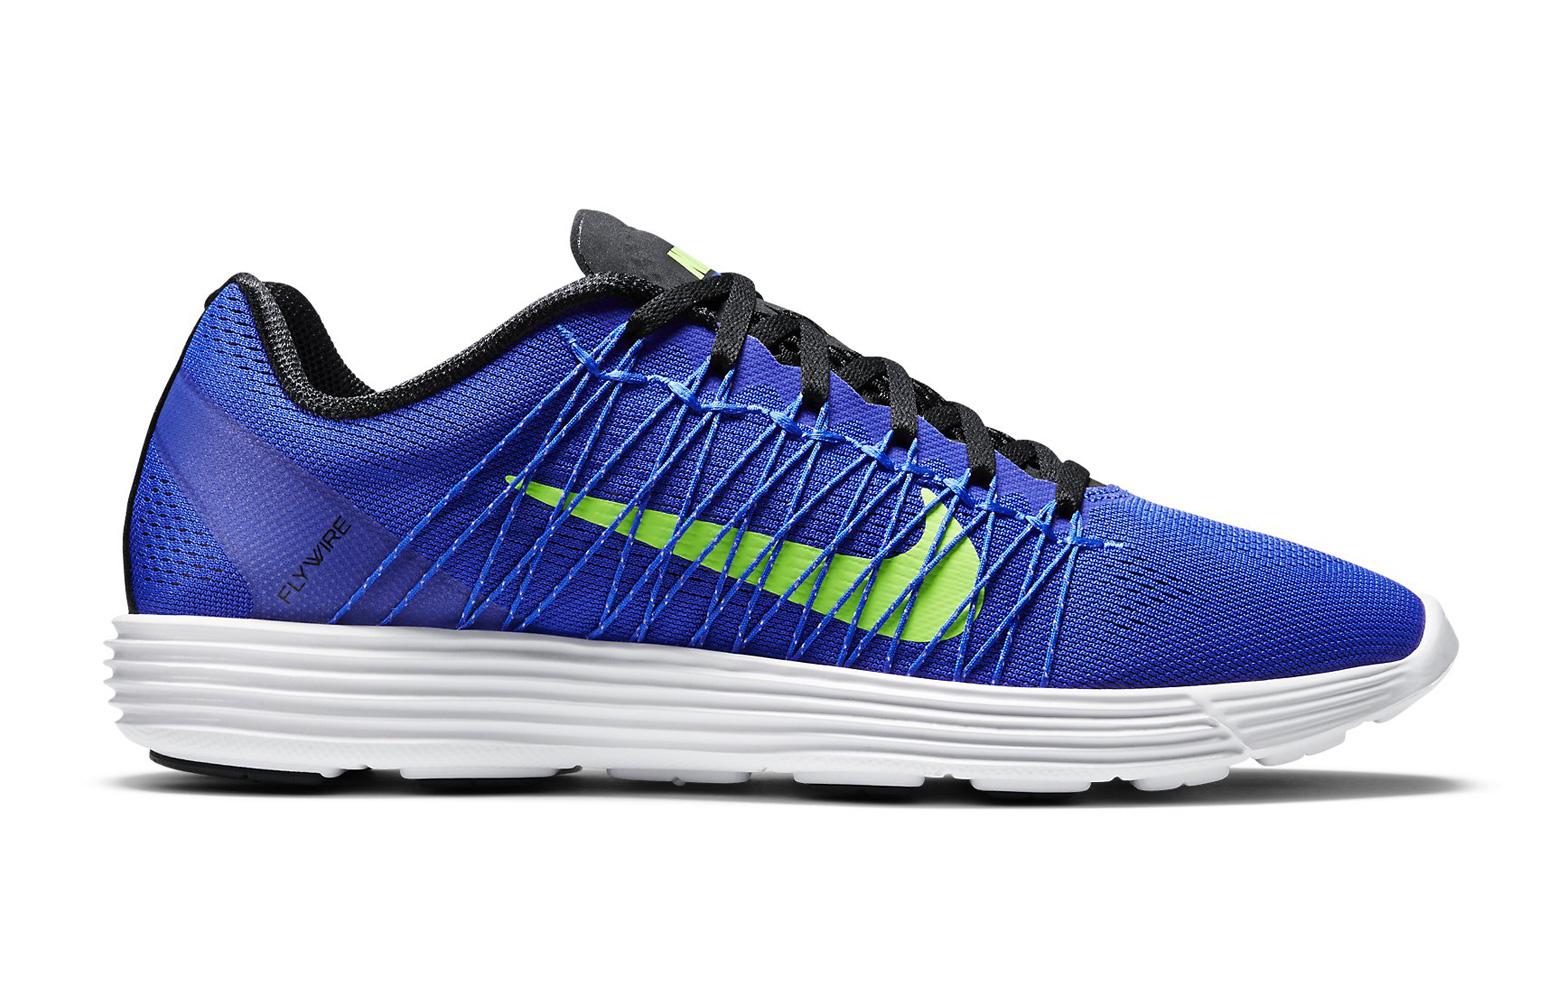 separation shoes 46e03 1b1d3 Chaussures de Running Nike lunaracer Bleu